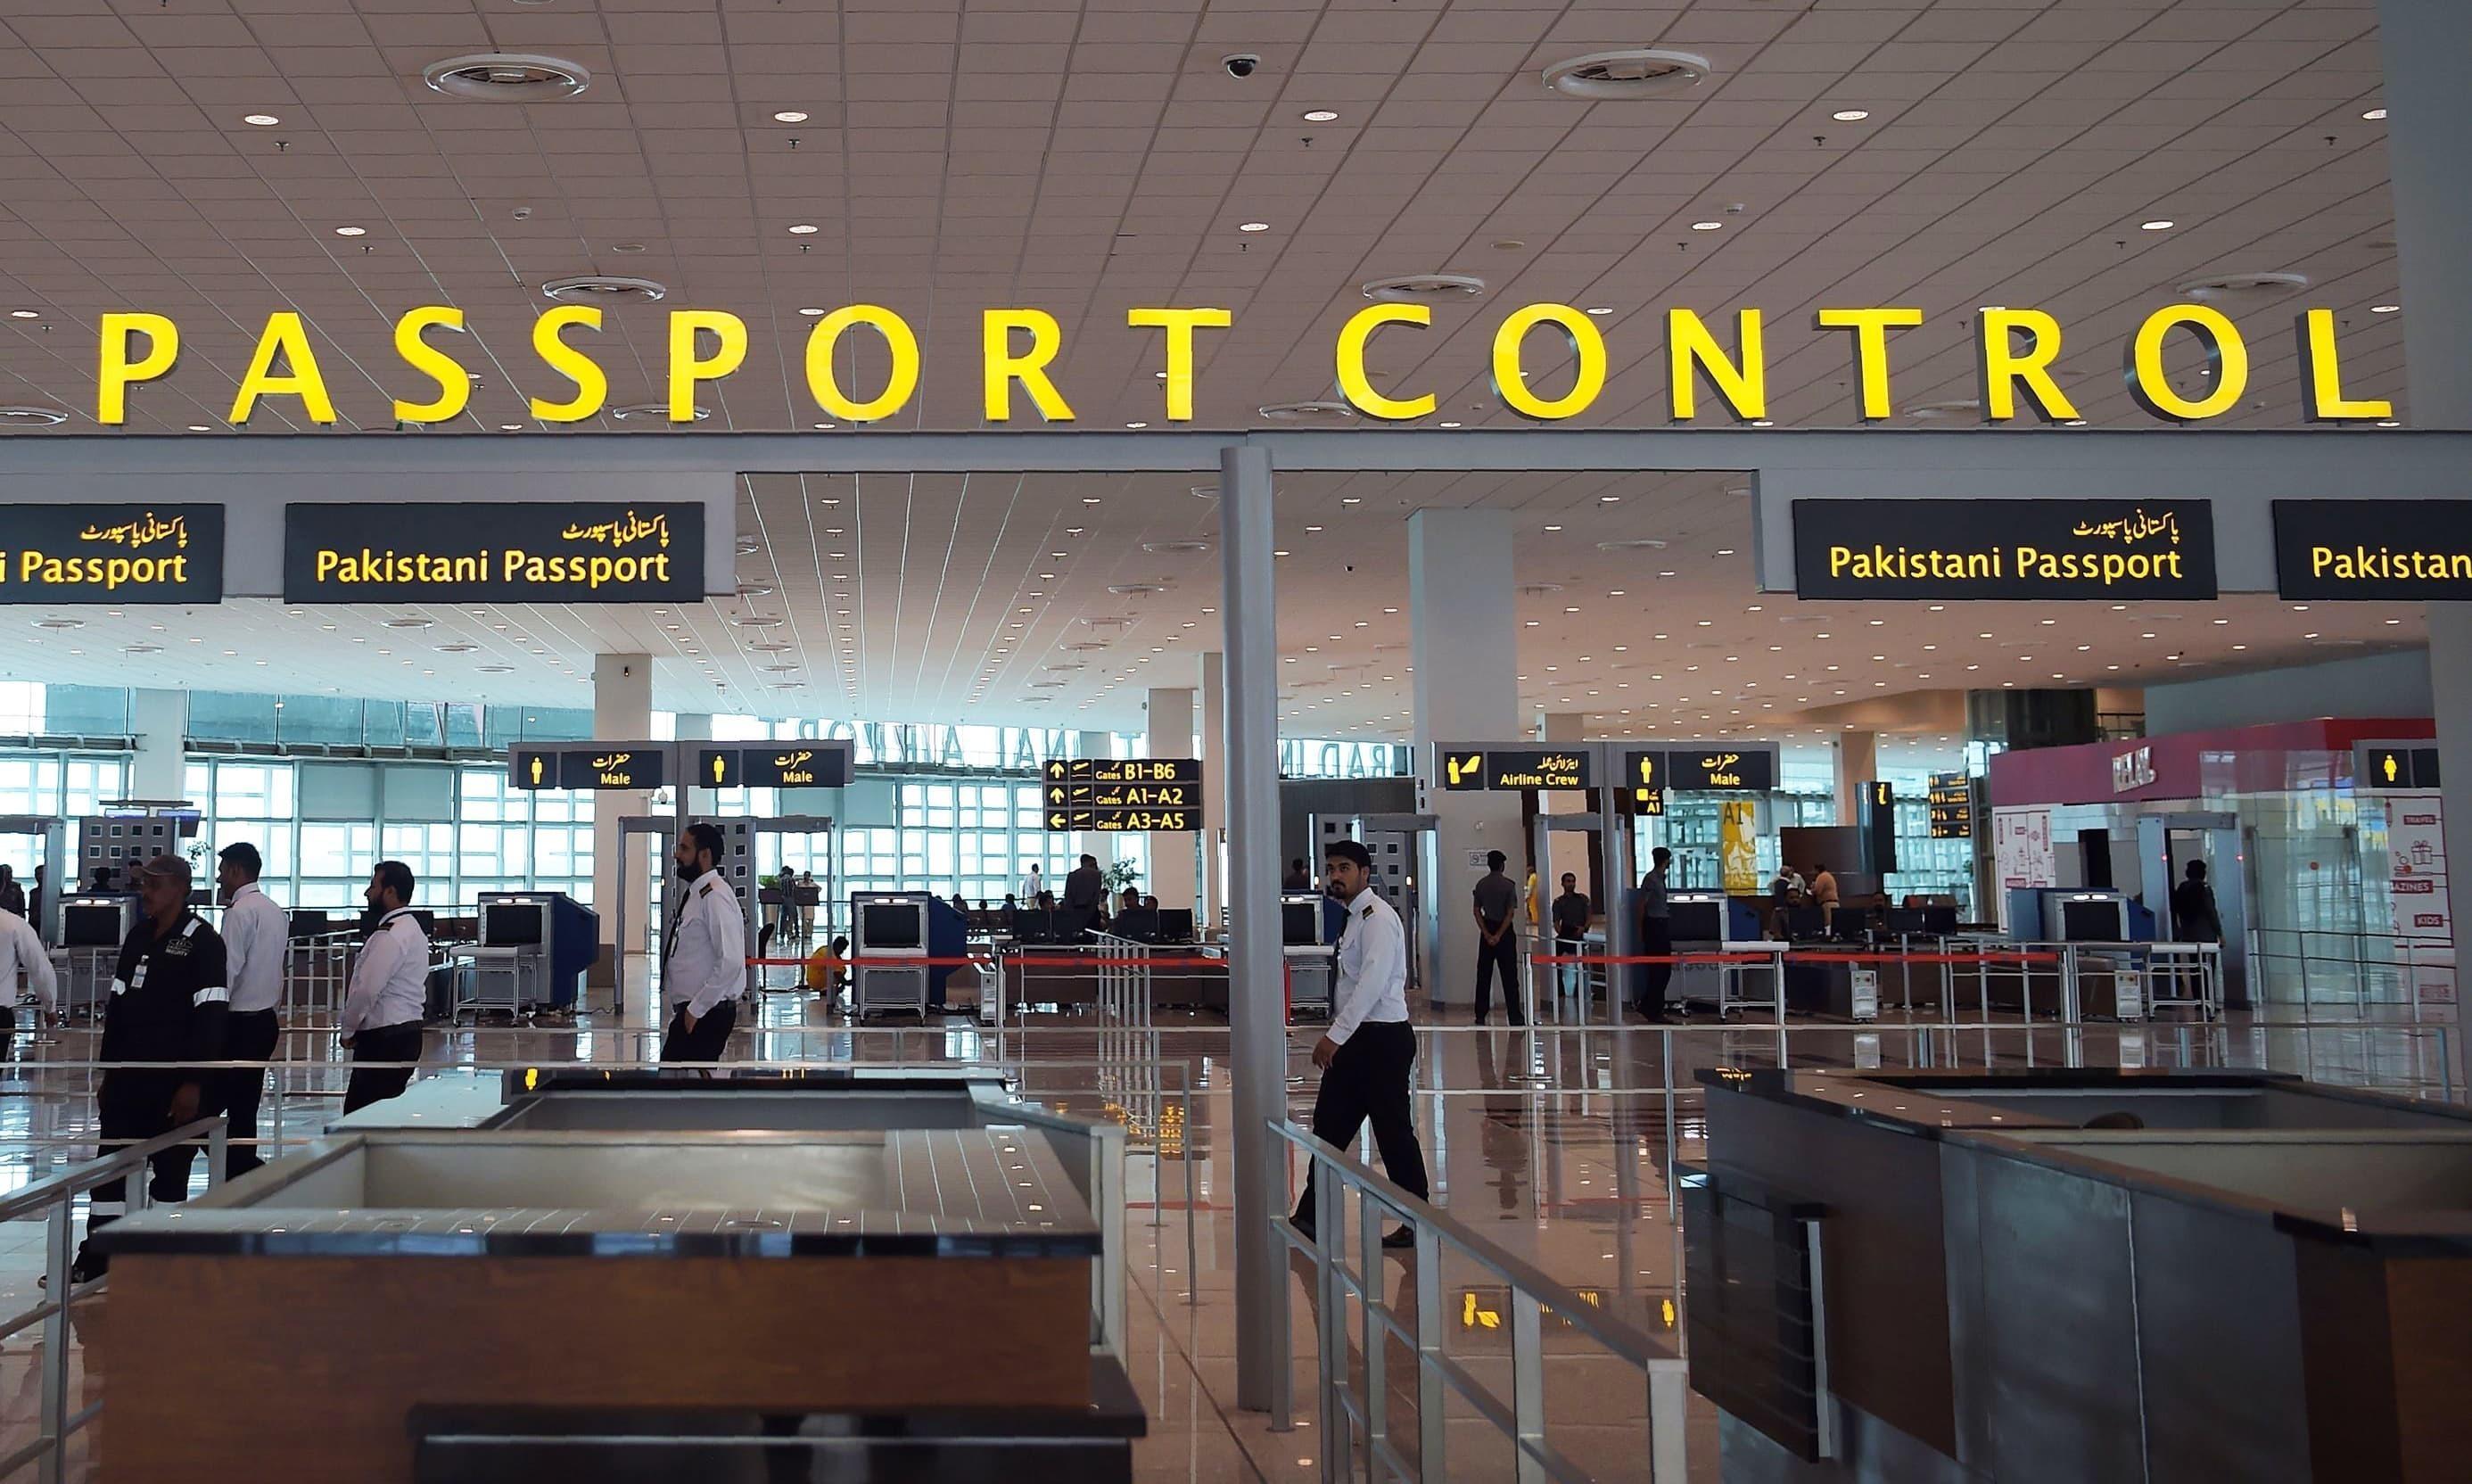 اس میں مزید کہا گیا کہ پاکستان جانے والے مسافروں کے پاس کووڈ 19 کے حفاظتی ٹیکوں کے سرٹیفکیٹ ہونےچاہیے۔  ---فائل فوٹو: اے ایف پی